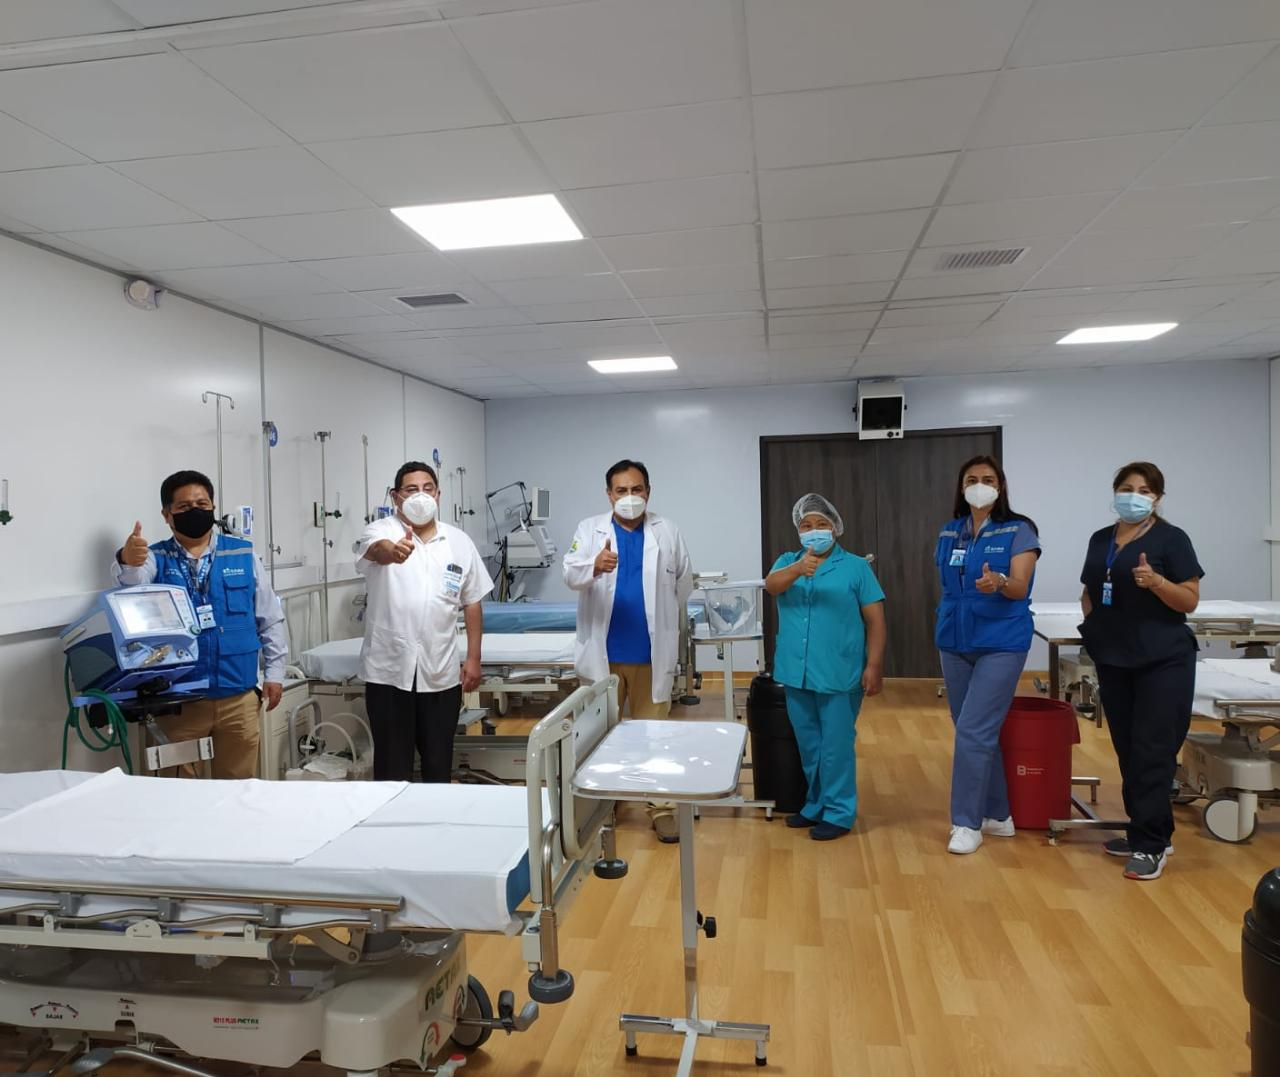 Essalud - EsSalud Arequipa habilita 12 camas UCI adicionales en la Villa Cerro Juli para atención de pacientes críticos Covid-19